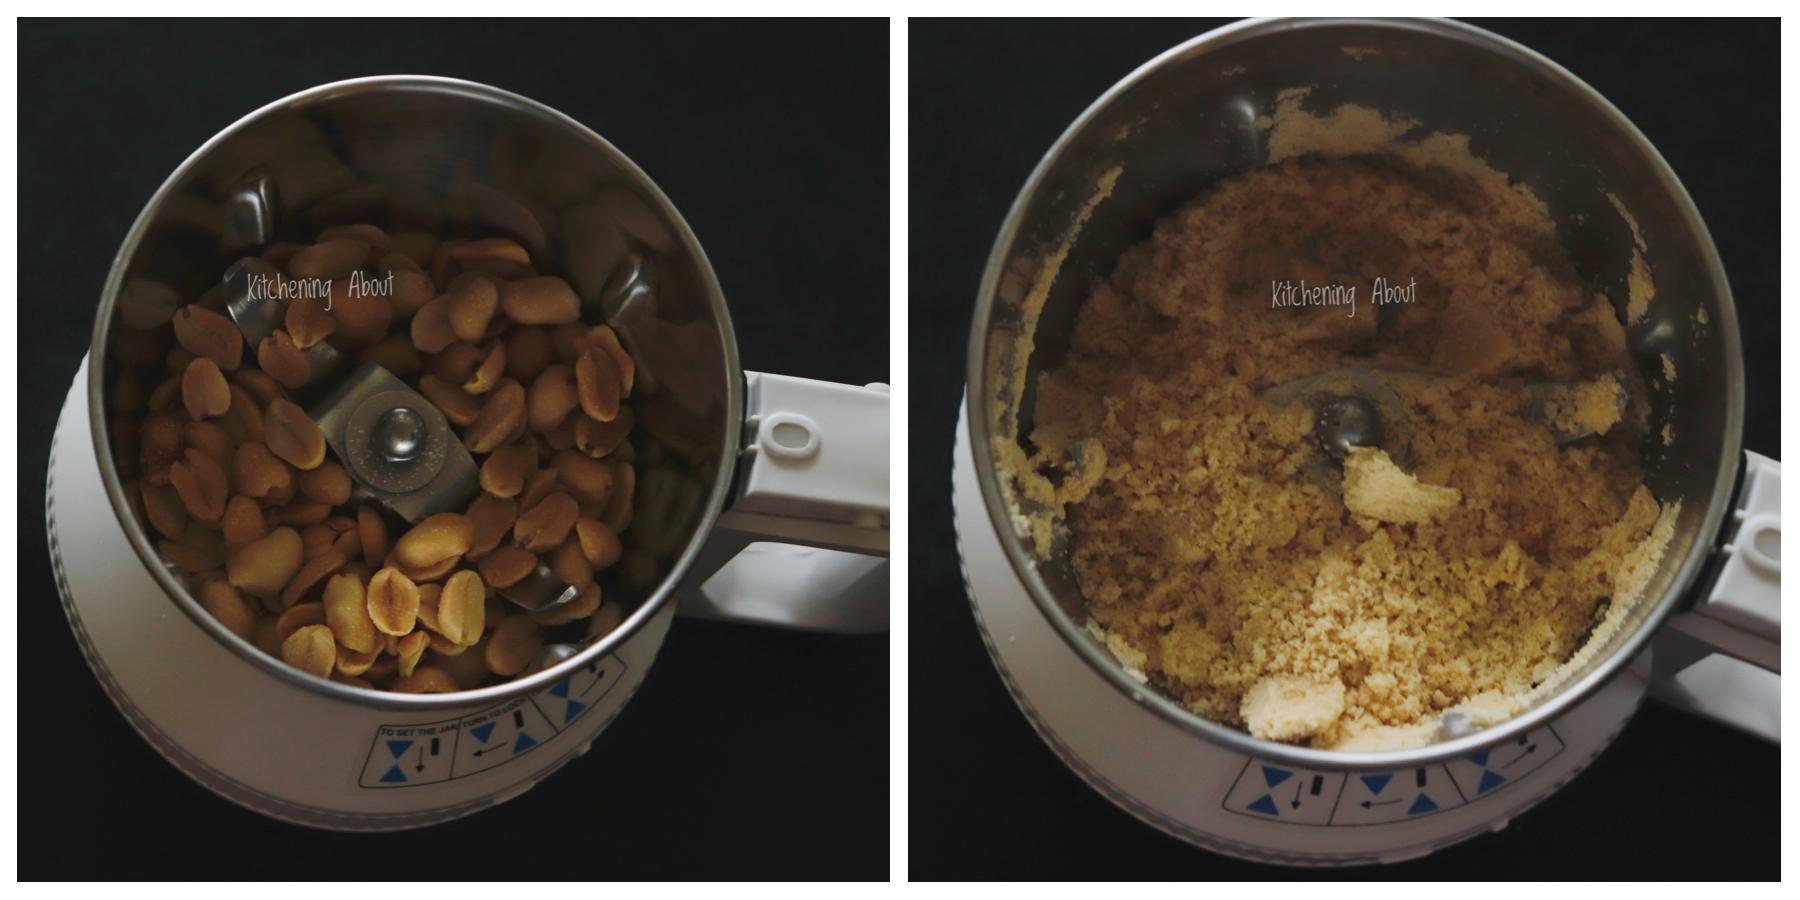 Roasted peanut powder